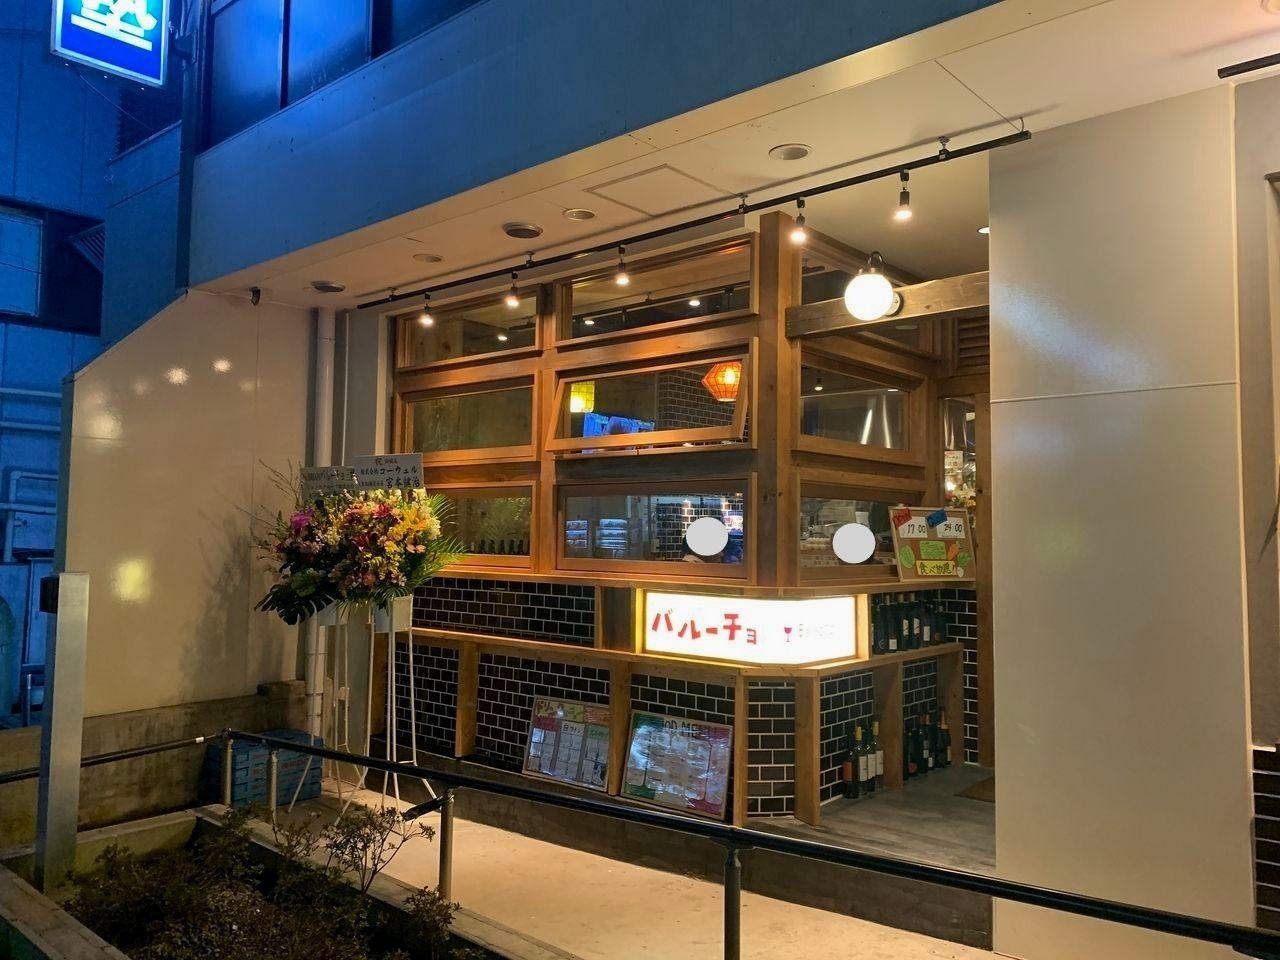 【三郷市食べ歩きブログ】三郷駅南口に「バルーチョ三郷店」がオープンしました!